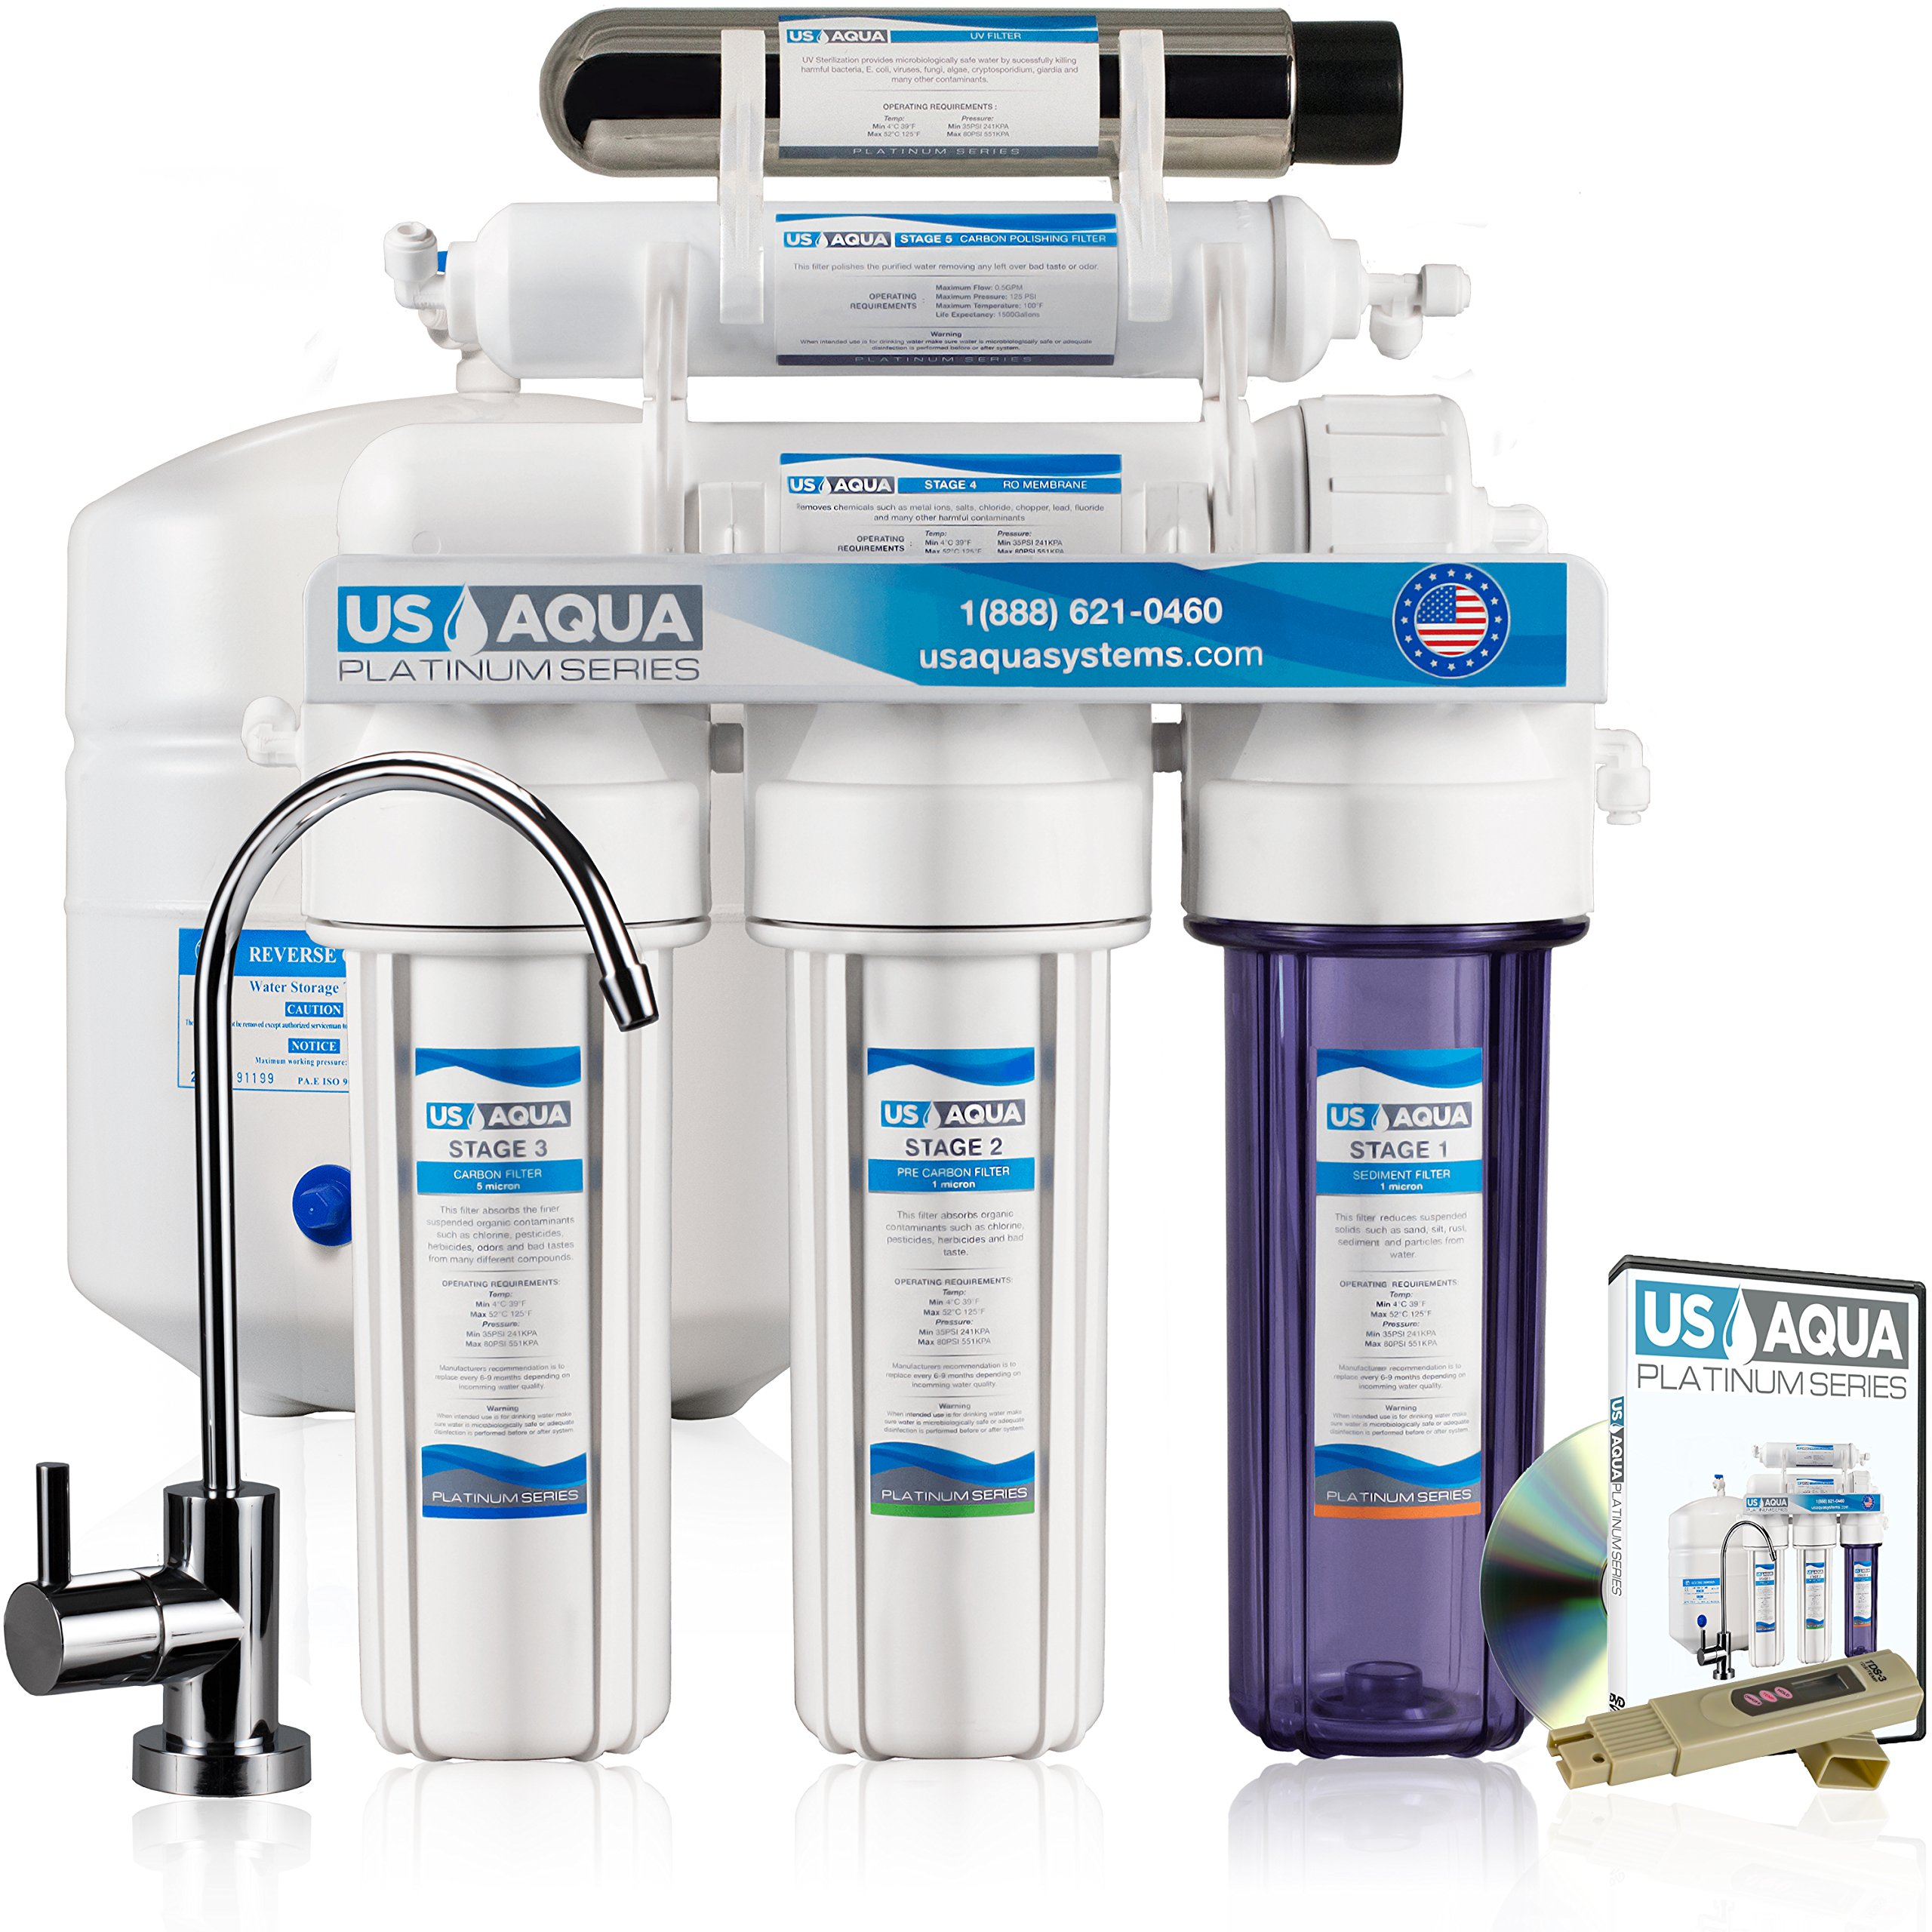 Us Aqua Platinum Series High Capacity 100Gpd 6 Stage Uv Under